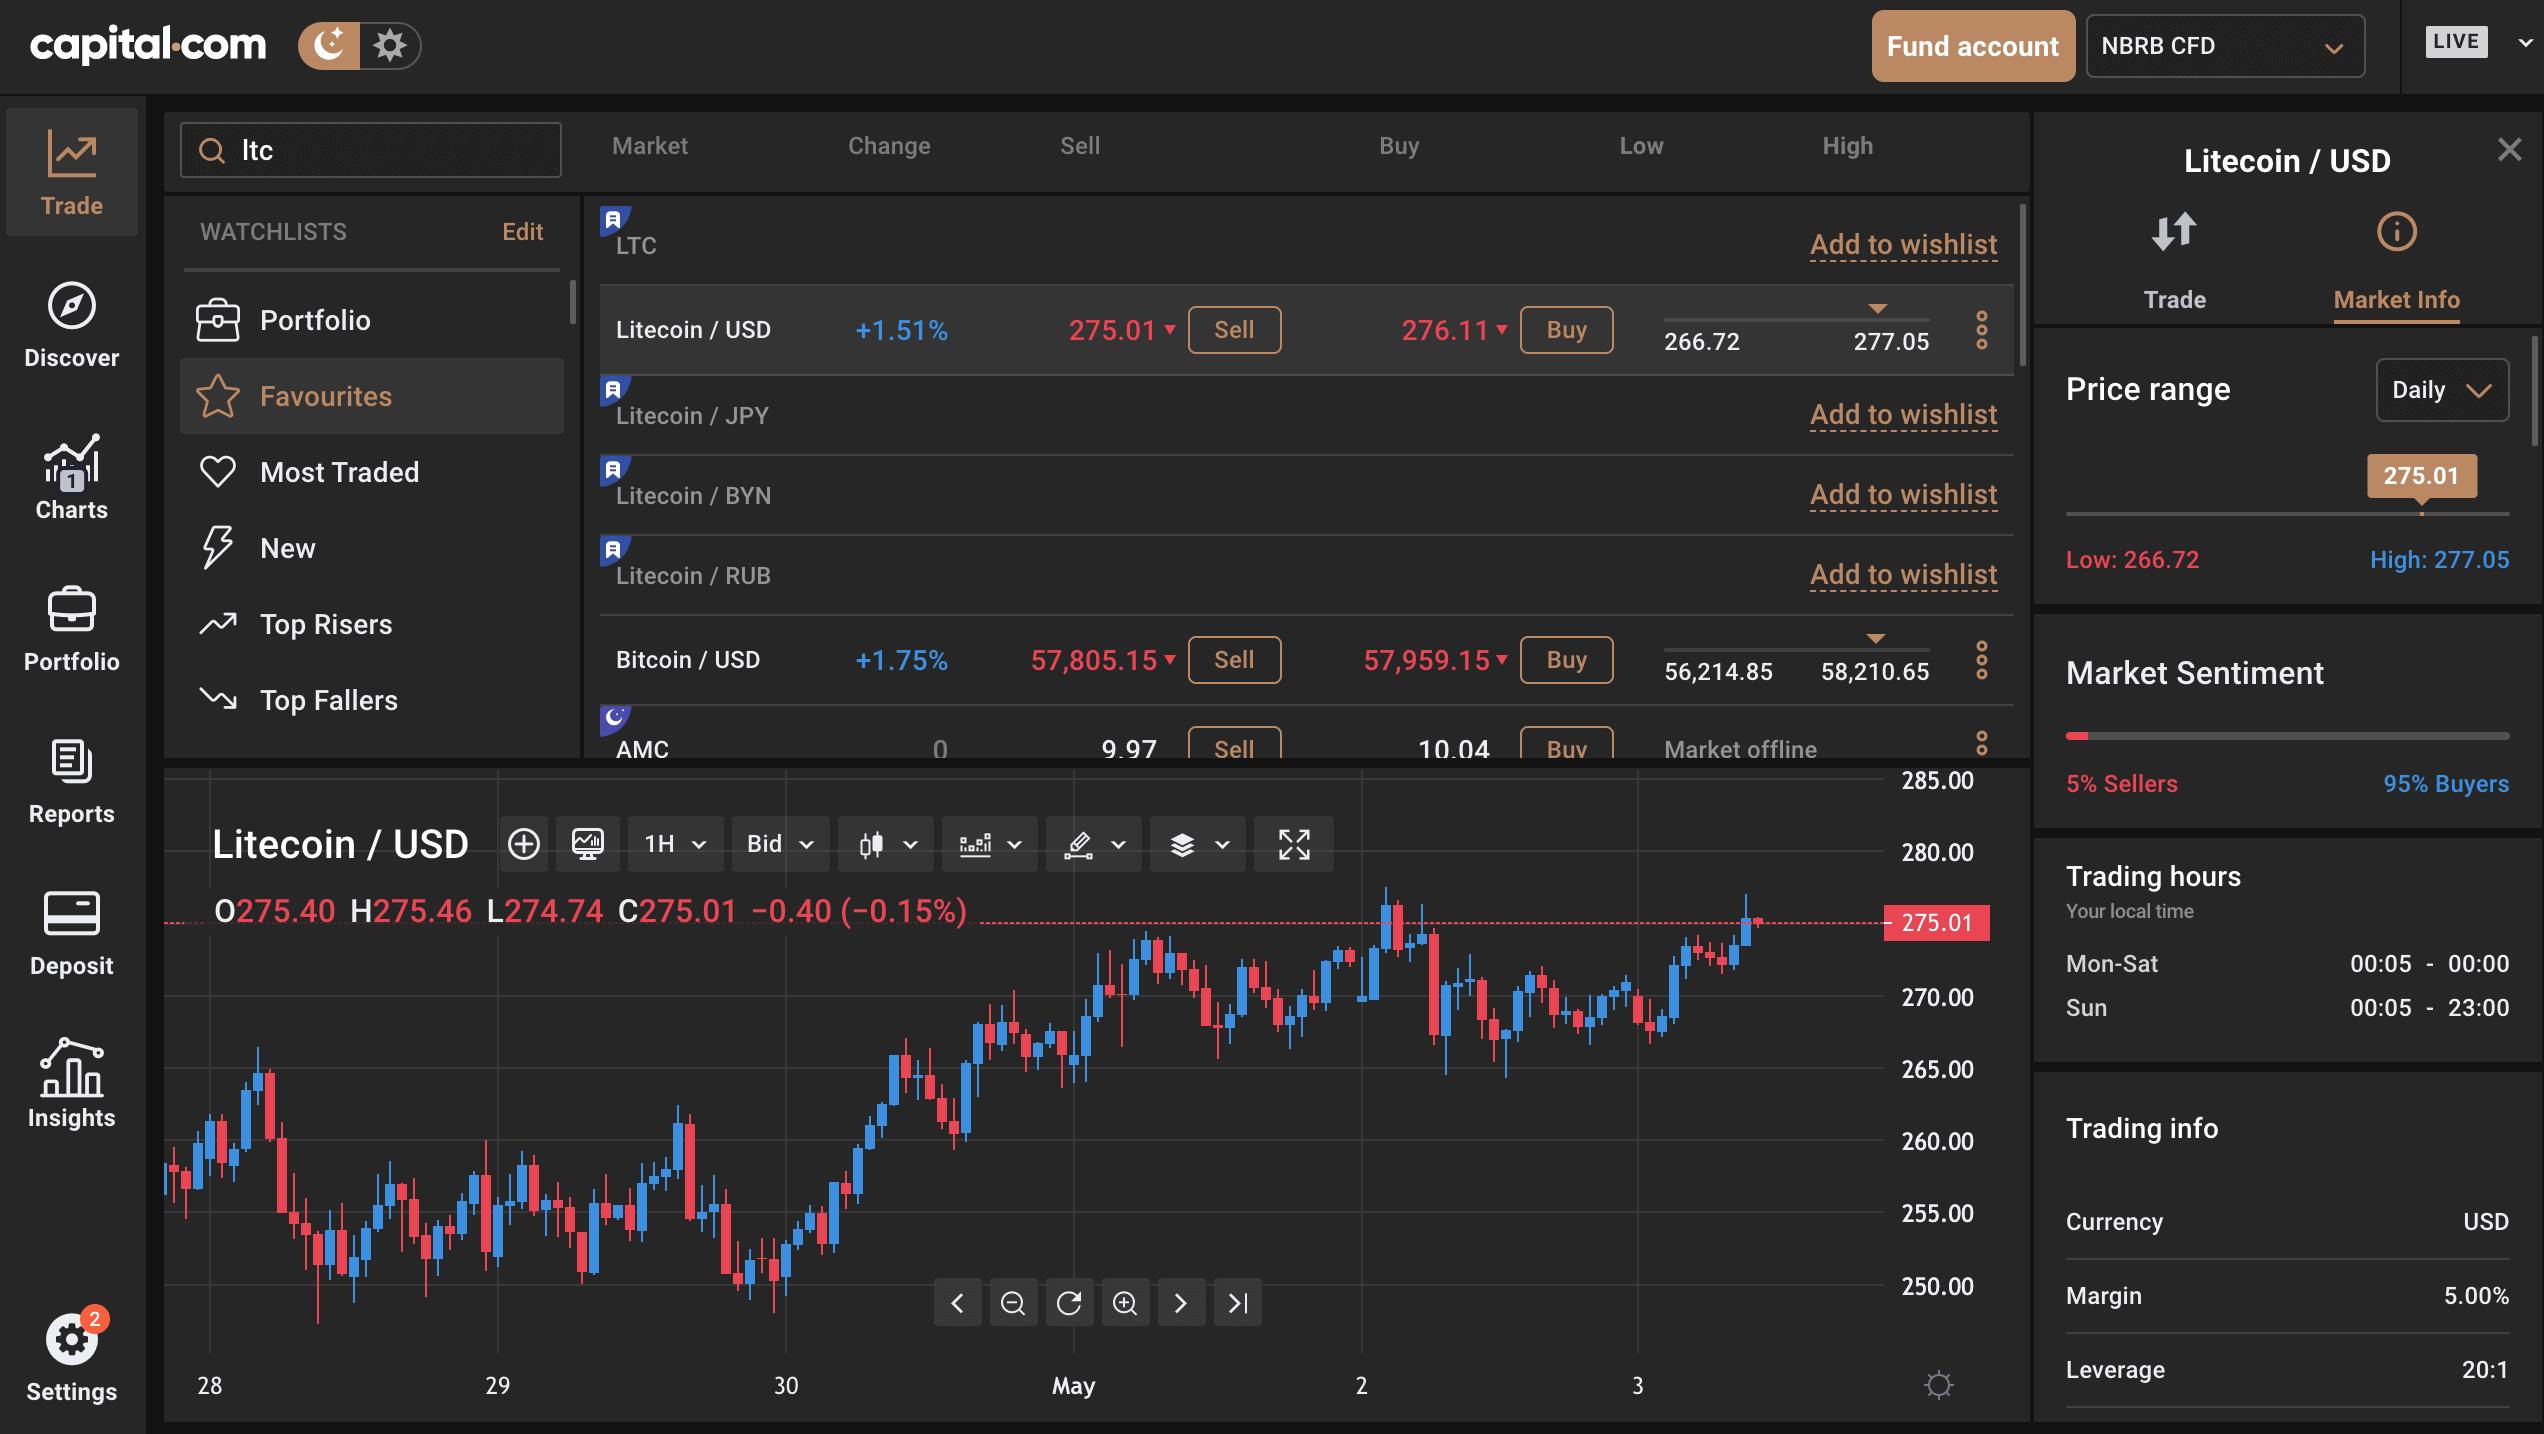 Capital.com platform